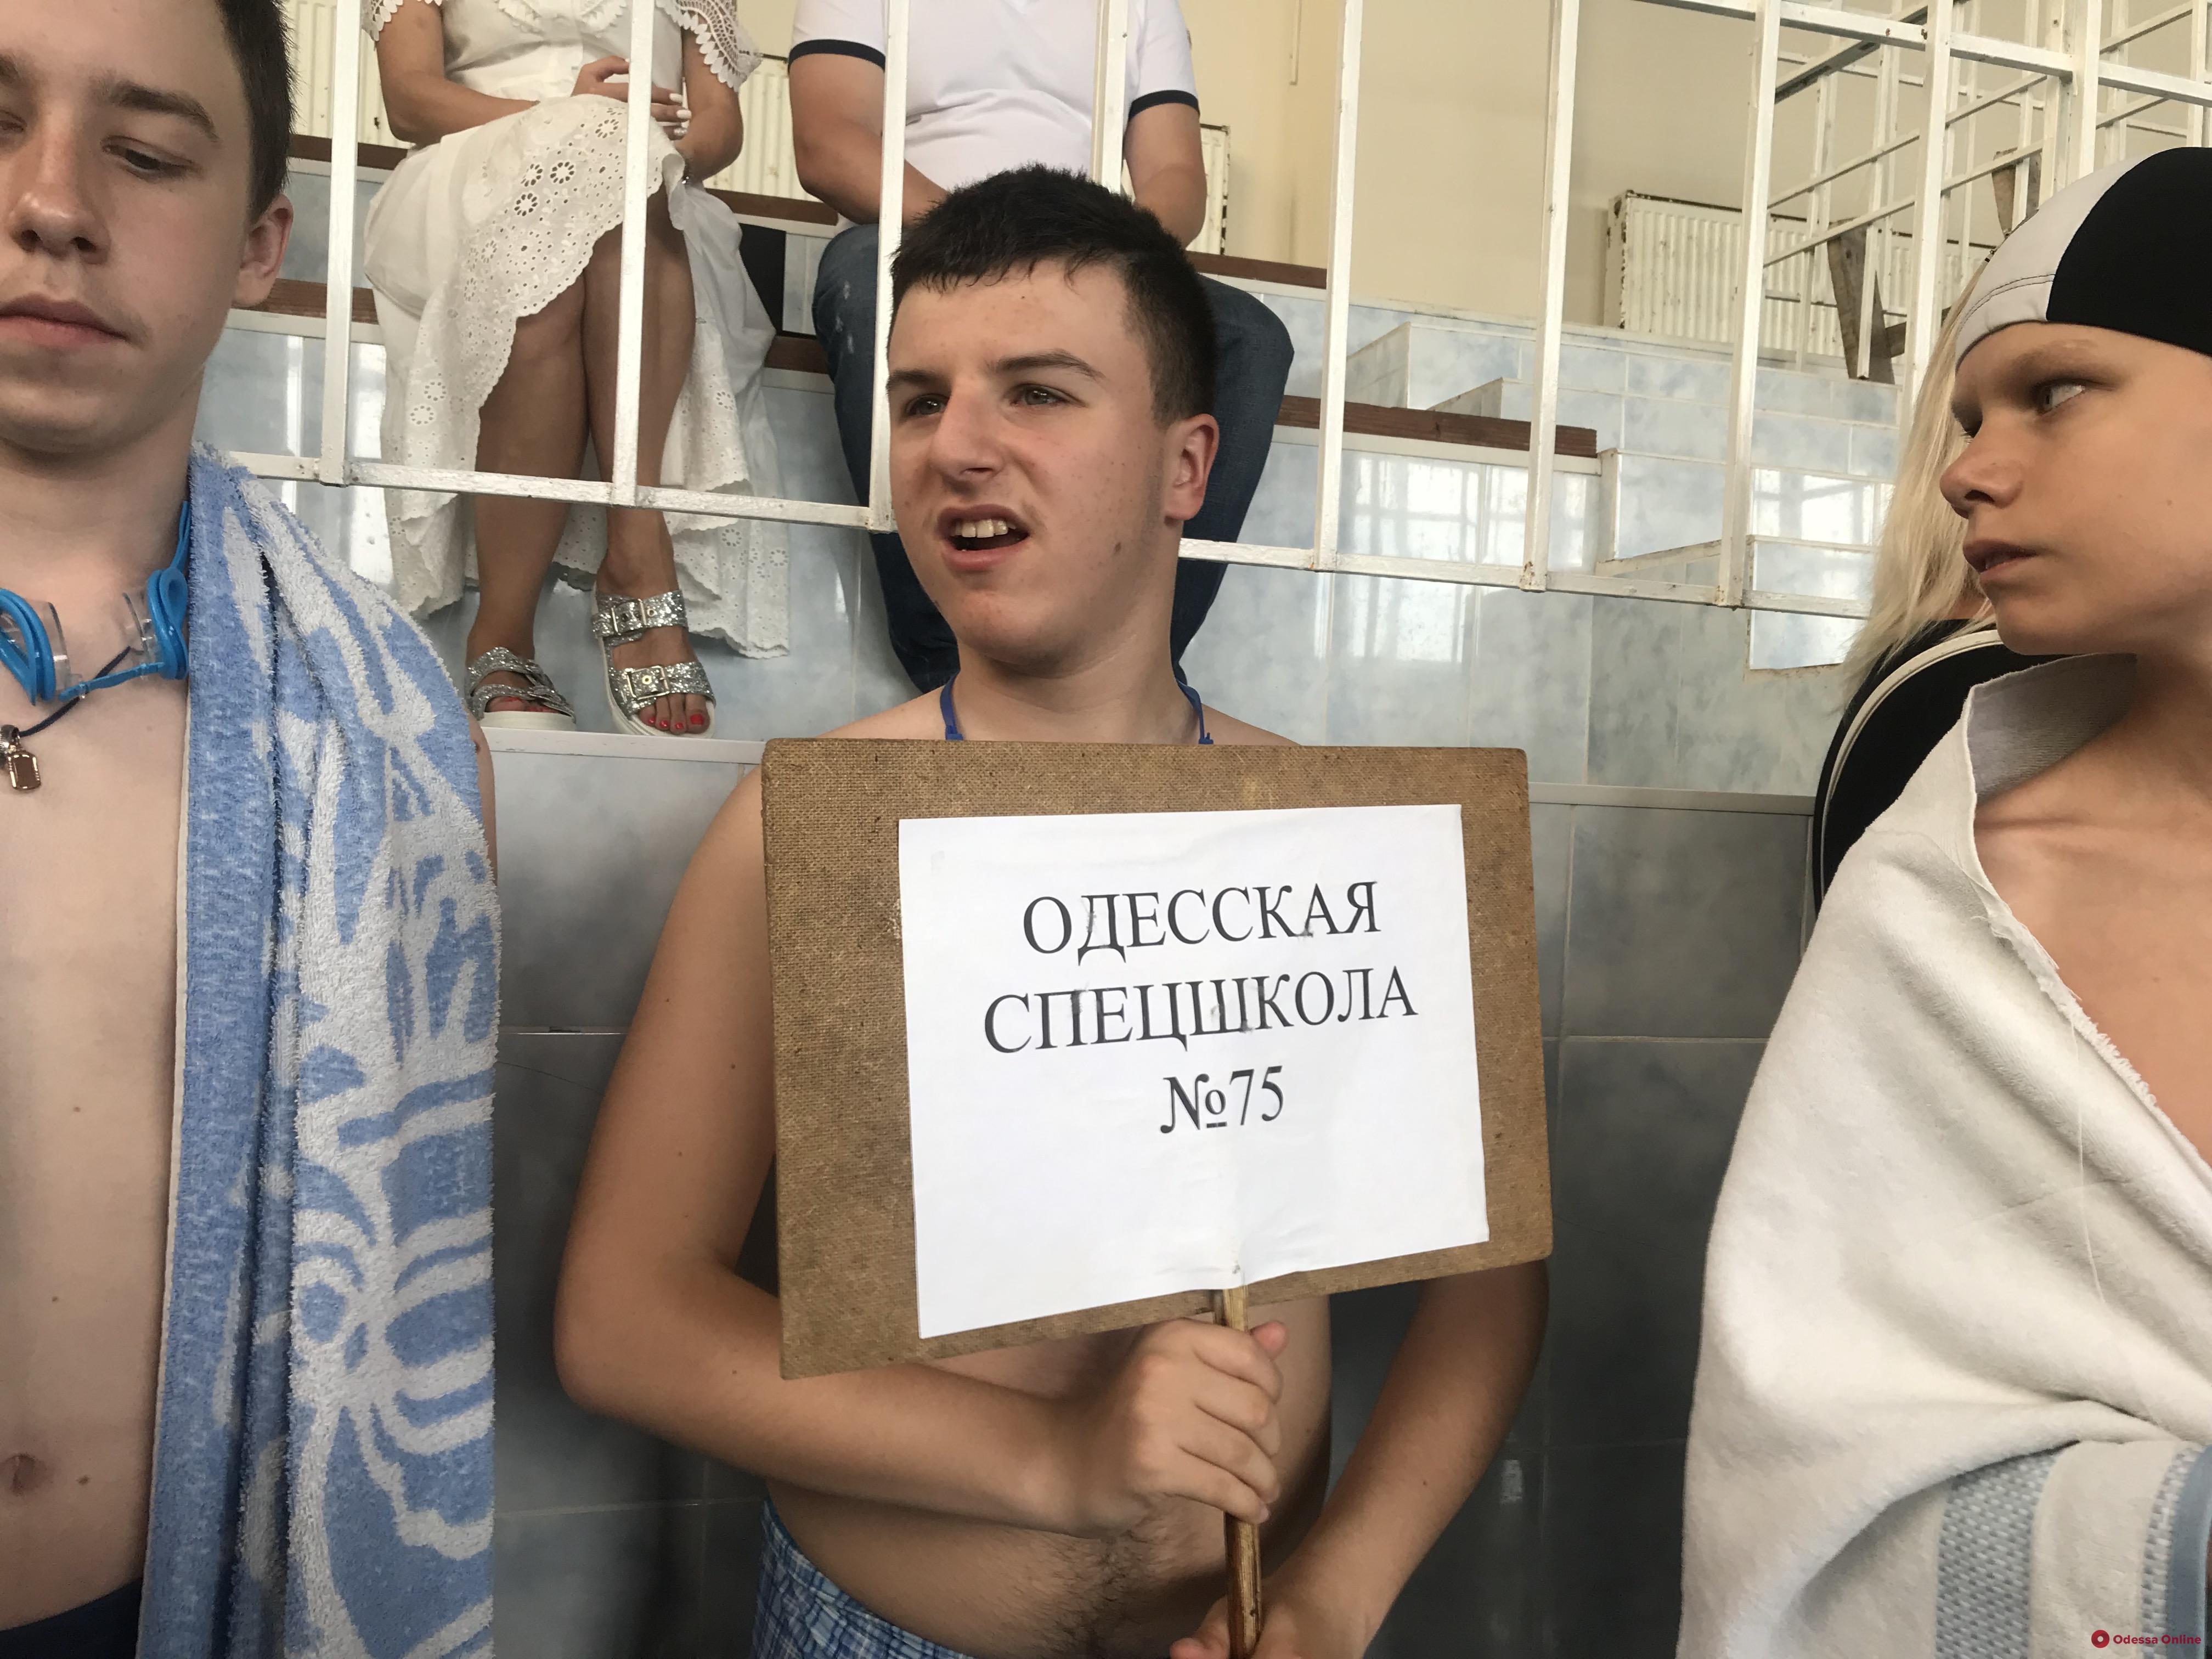 В Одессе прошли международные соревнования по плаванию среди инвалидов детства и детей-сирот (фото, видео)